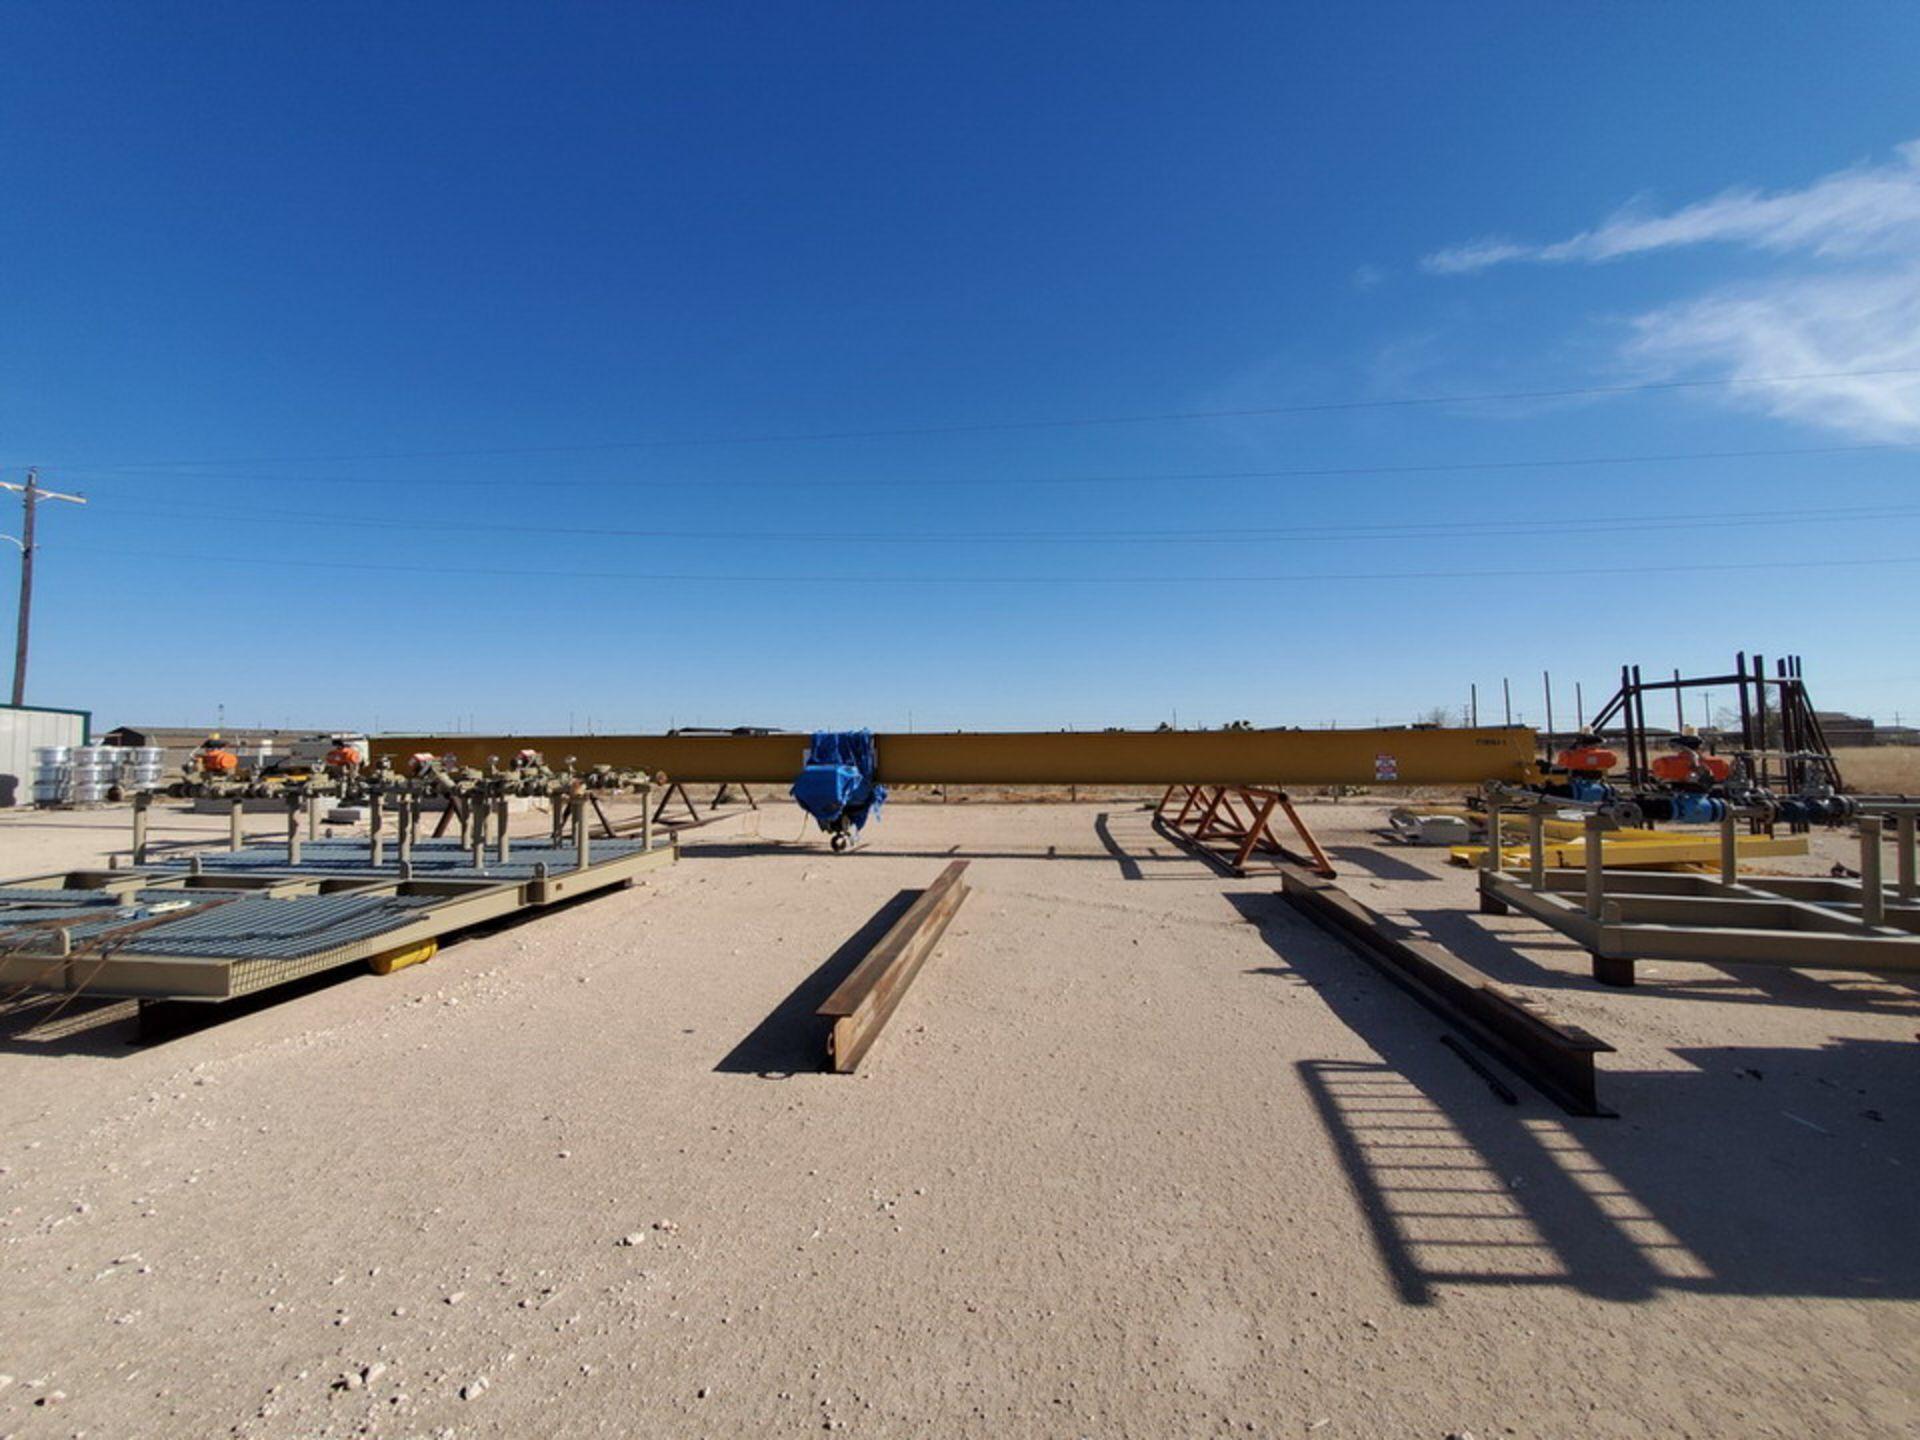 R & M 10 Ton Top Riding Bridge Crane Approx. 66' x 10'L